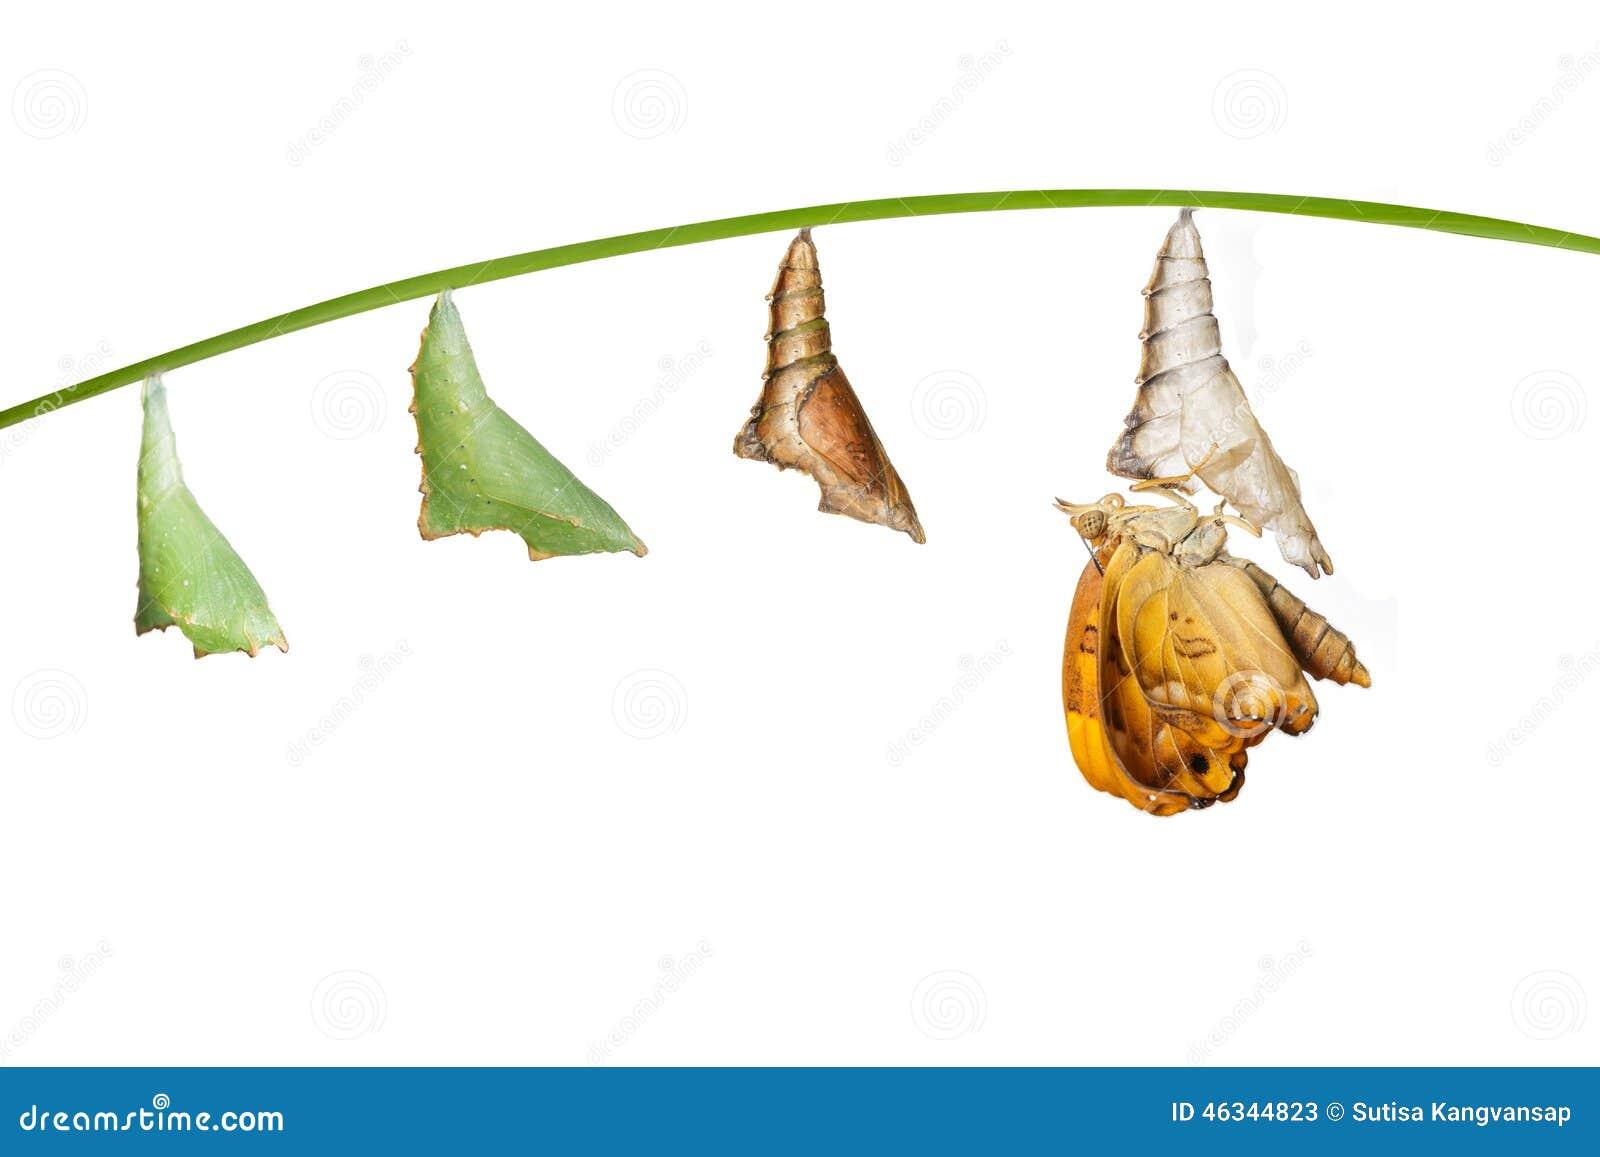 Trasformazione dalla crisalide alla femmina del butterfl nero siamese di principe